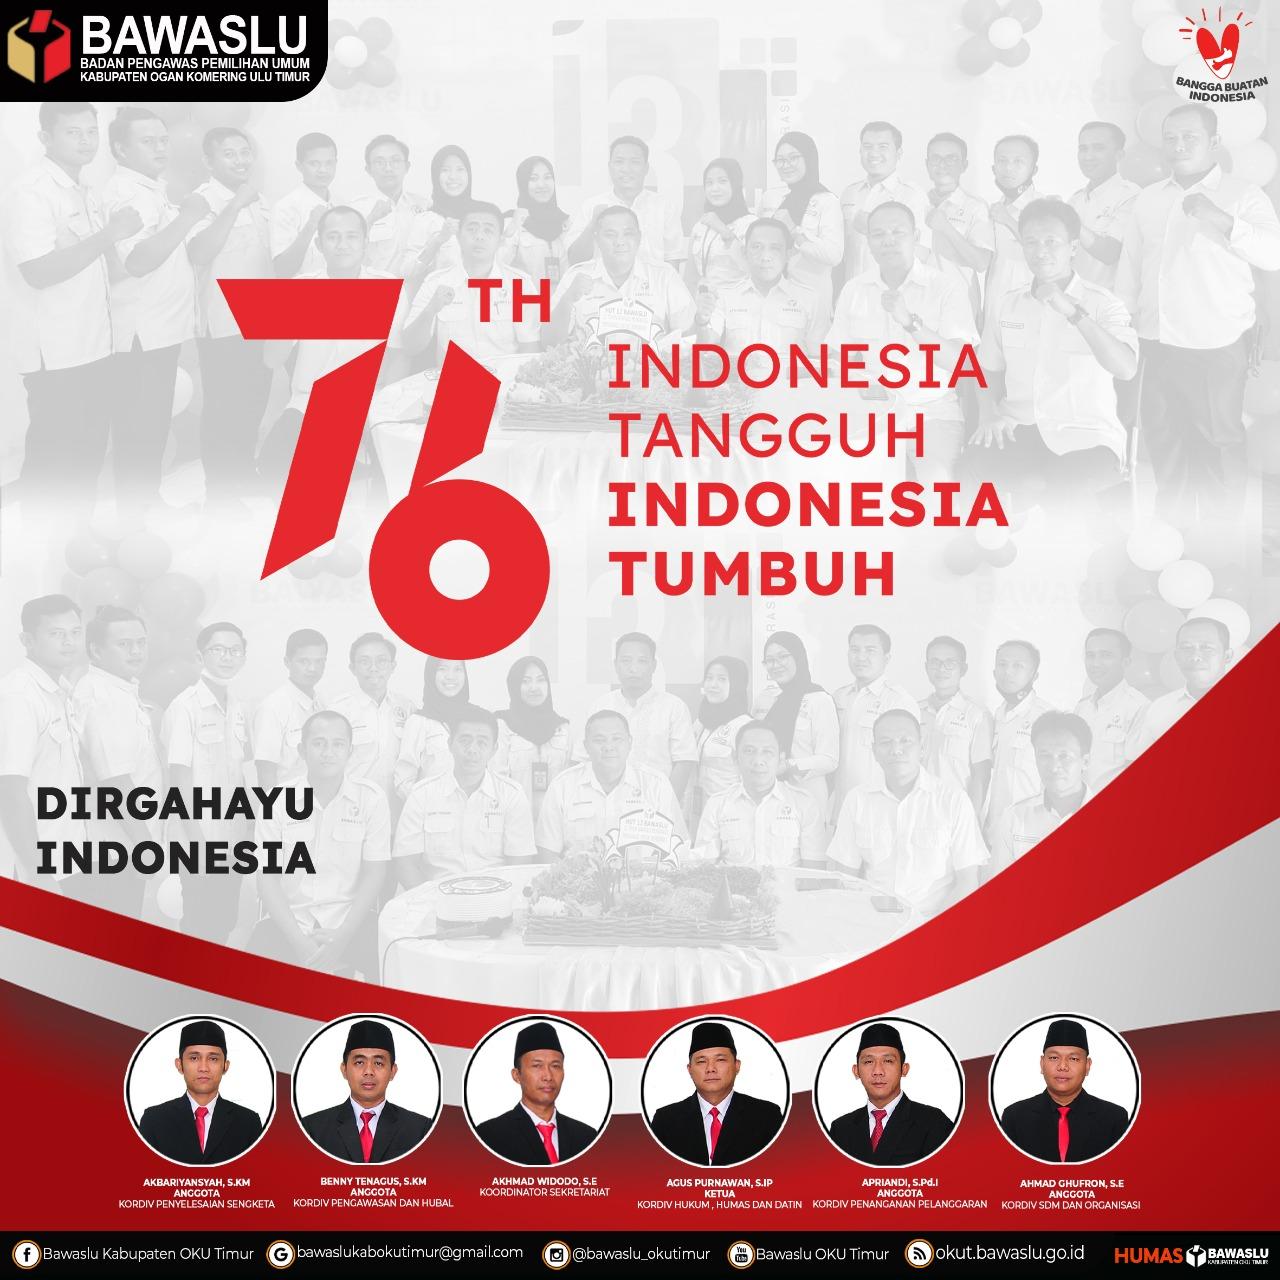 Bawaslu OKU Timur Dirgahayu Indonesia ke 76 Tahun  Indonesia Tangguh Indonesia Tumbuh